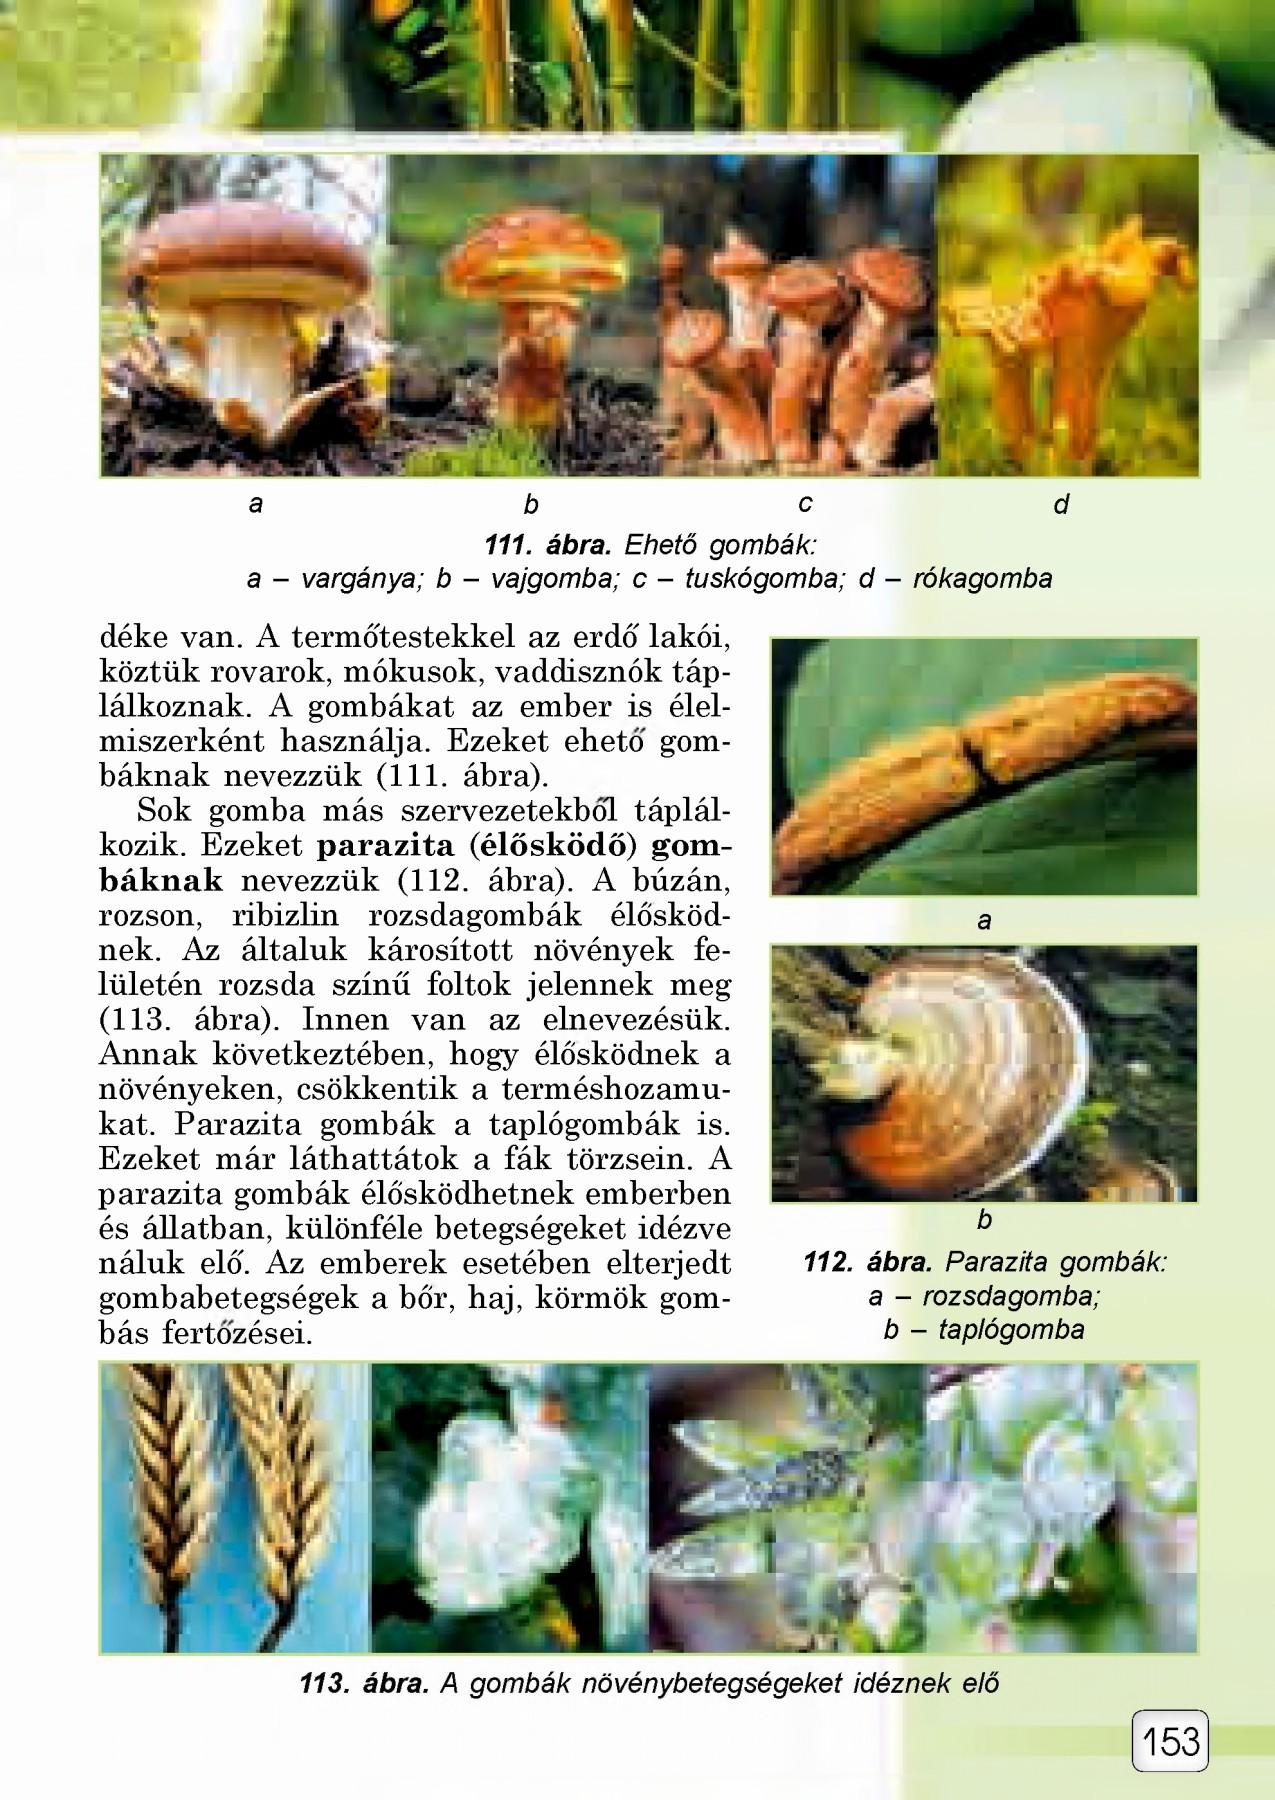 Paraziták a természetben